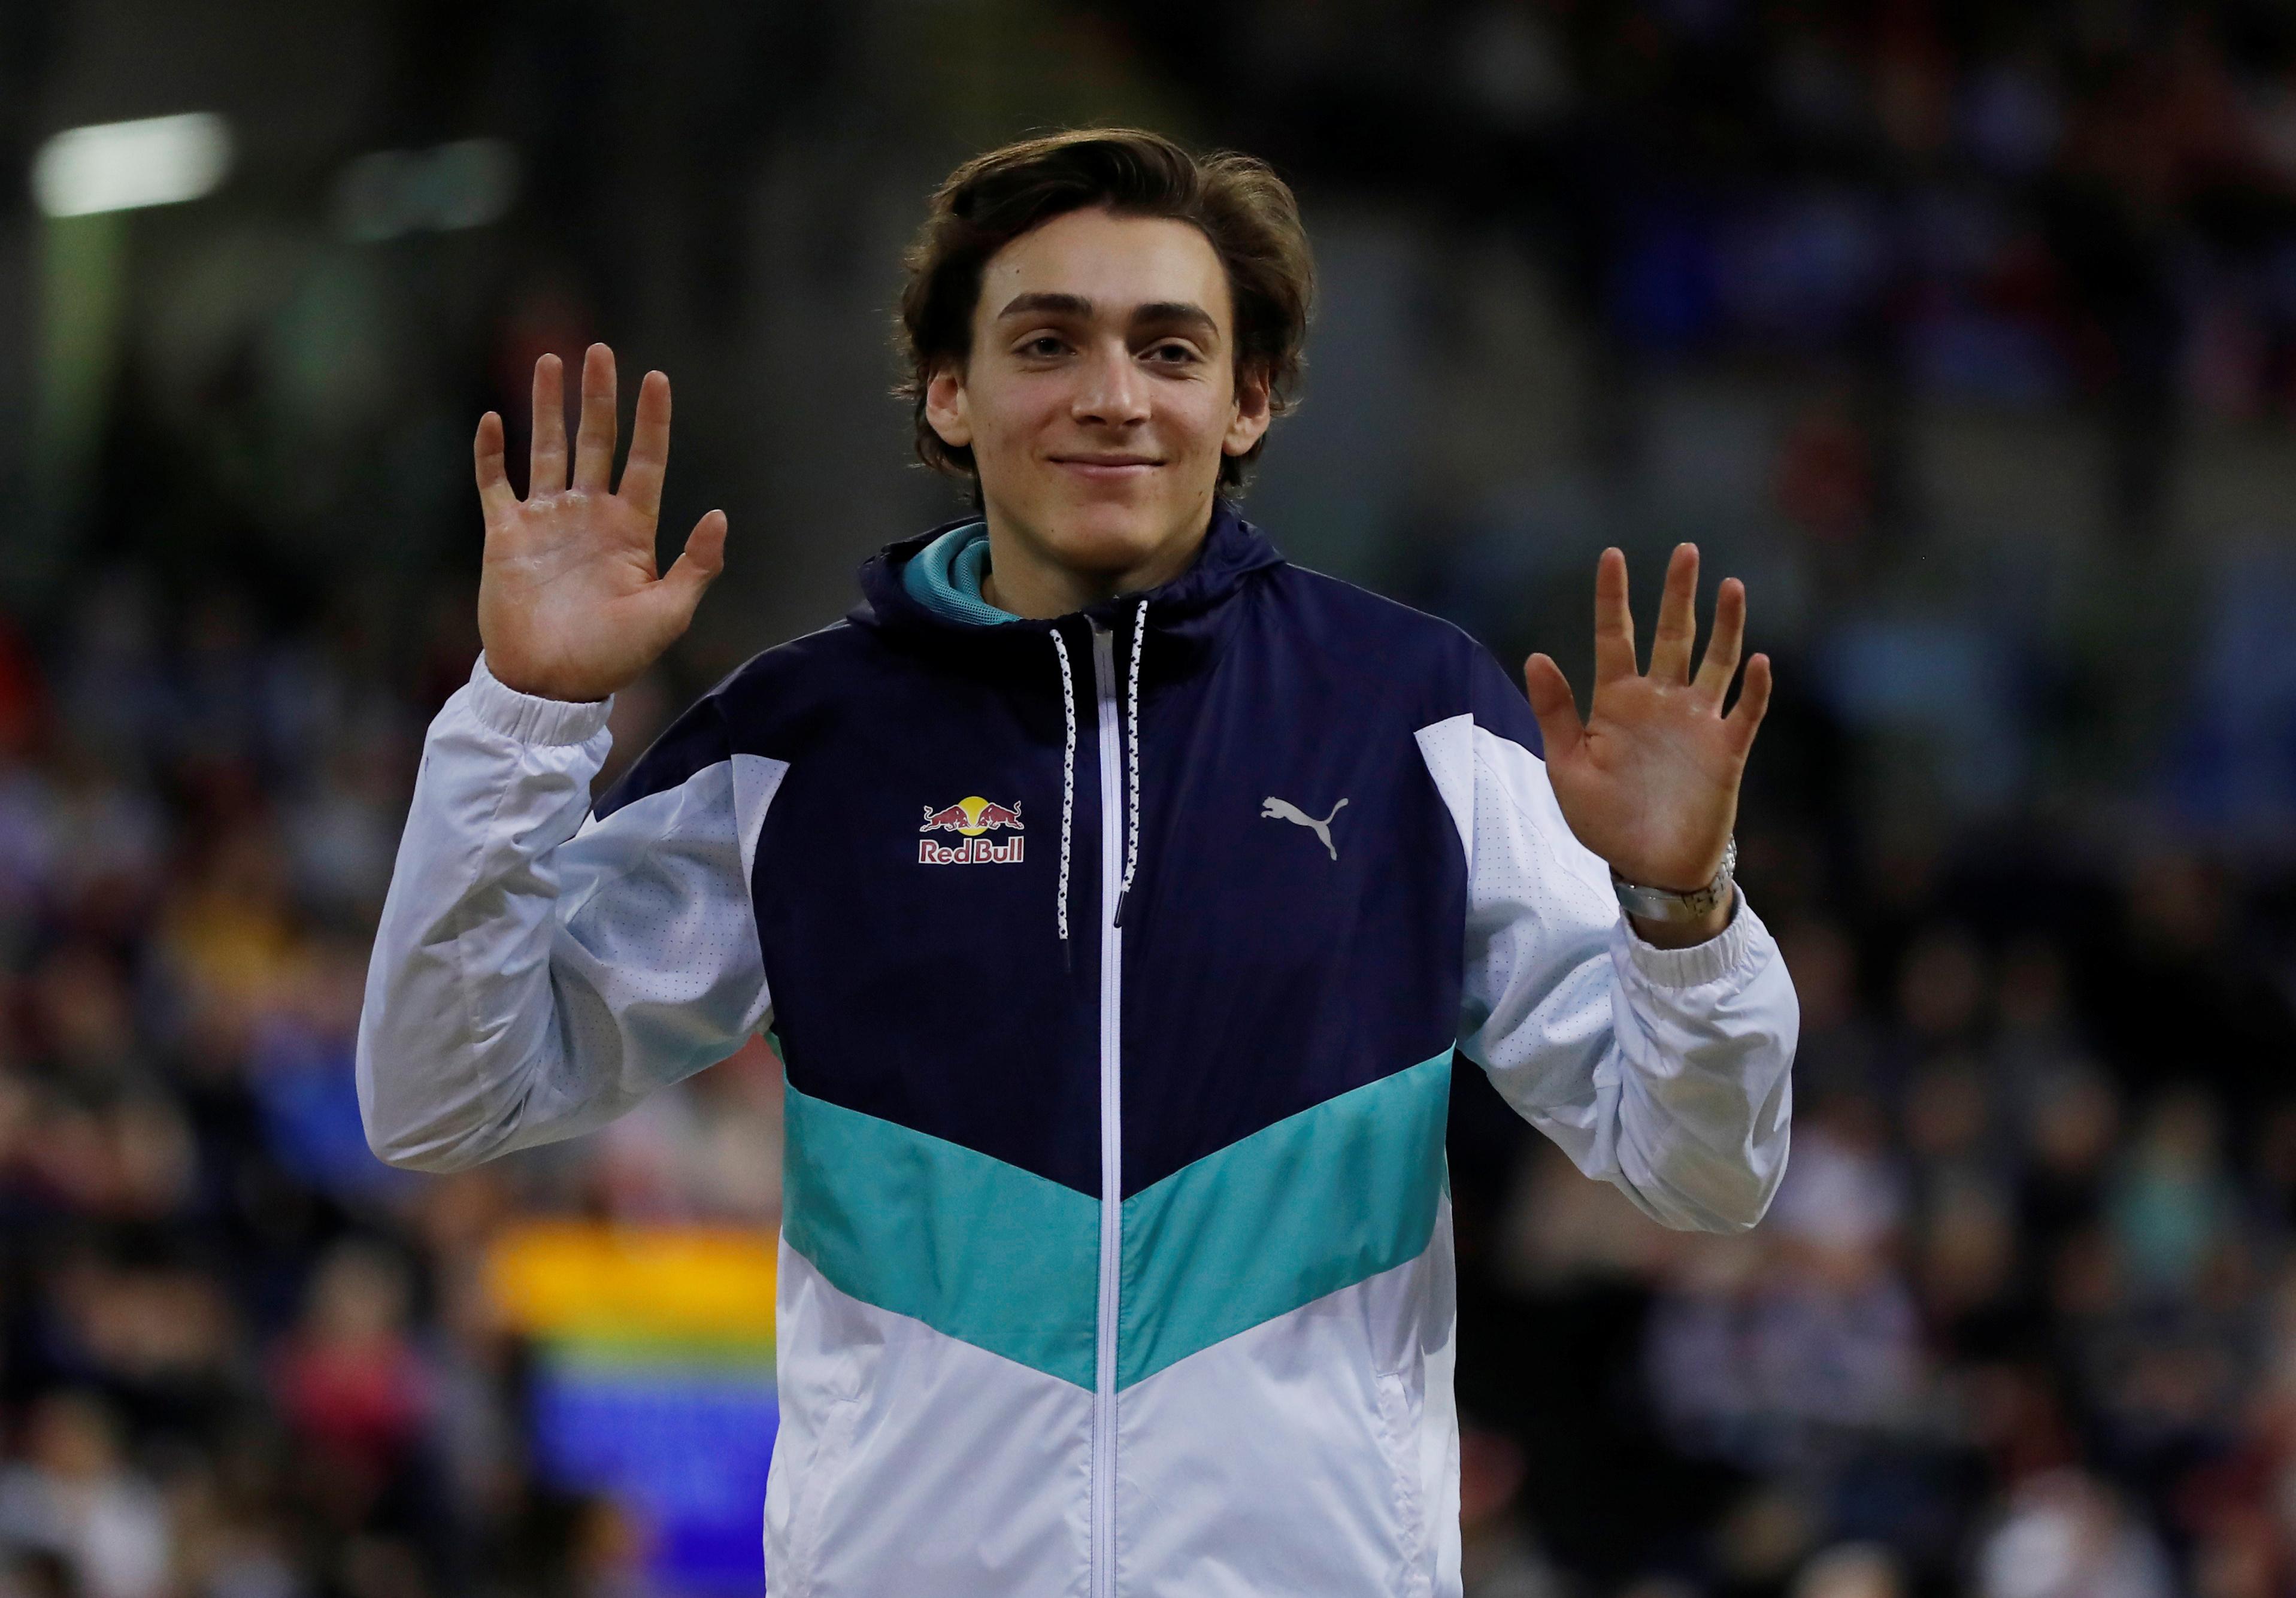 Athlétisme - Armand Duplantis continue sa révolution à la perche